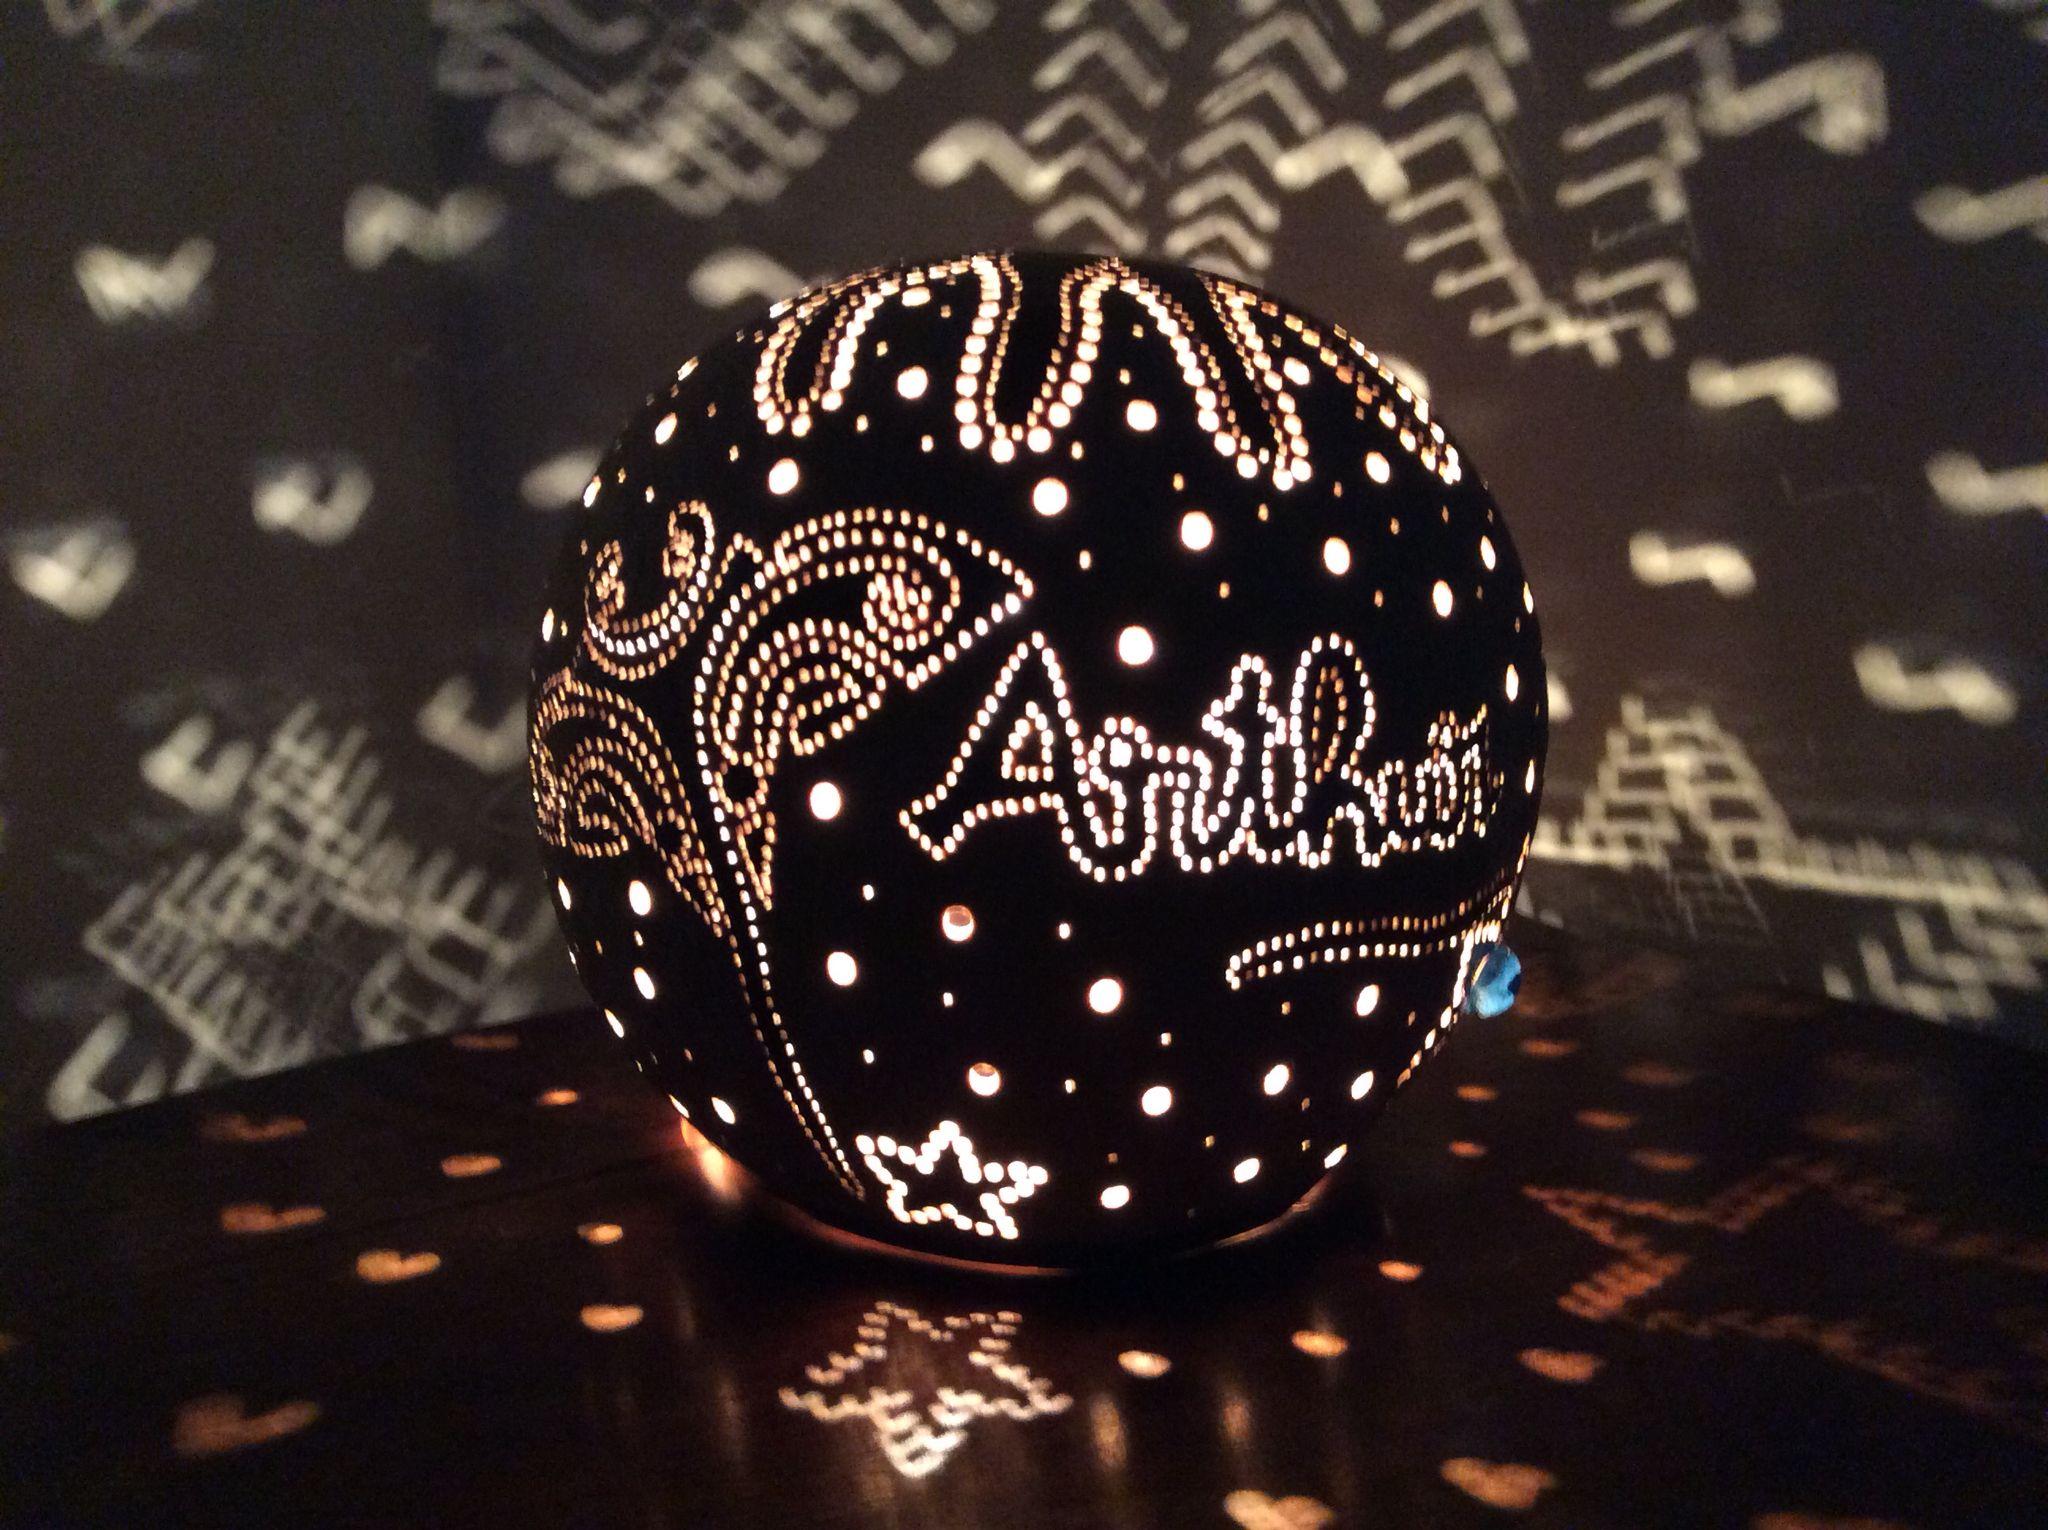 Lampe babyzimmer ~ Lampe babyzimmer best imposing babyzimmer lampe junge best images